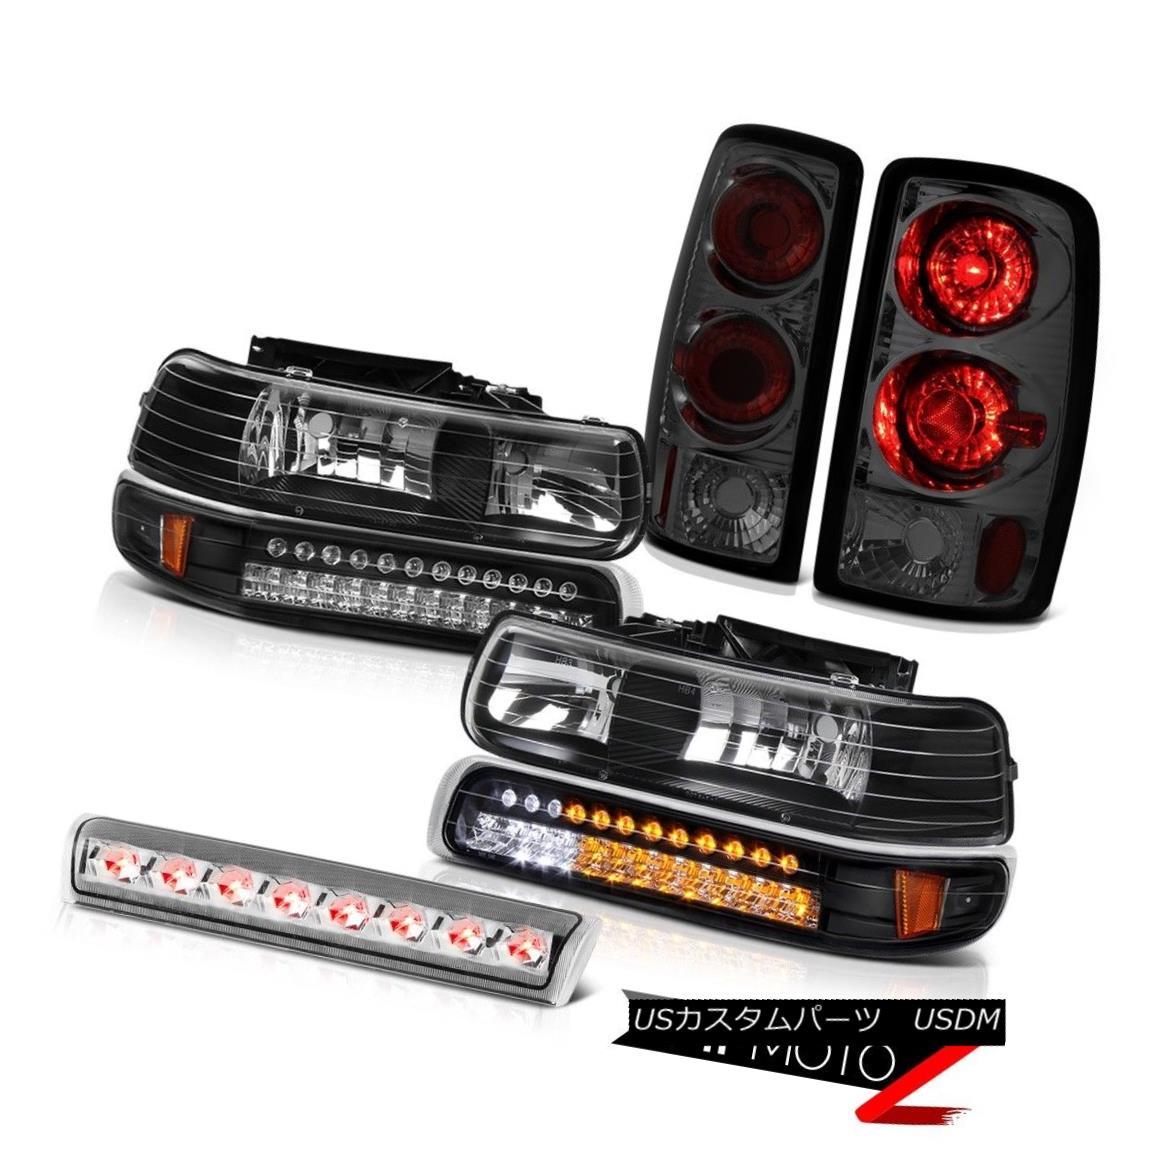 ヘッドライト 2000-2006 Suburban 6.0L Bumper DRL Parking Headlamps Brake Lamp Third Brake LED 2000-2006郊外6.0LバンパーDRLパーキングヘッドランプブレーキランプ第3ブレーキLED